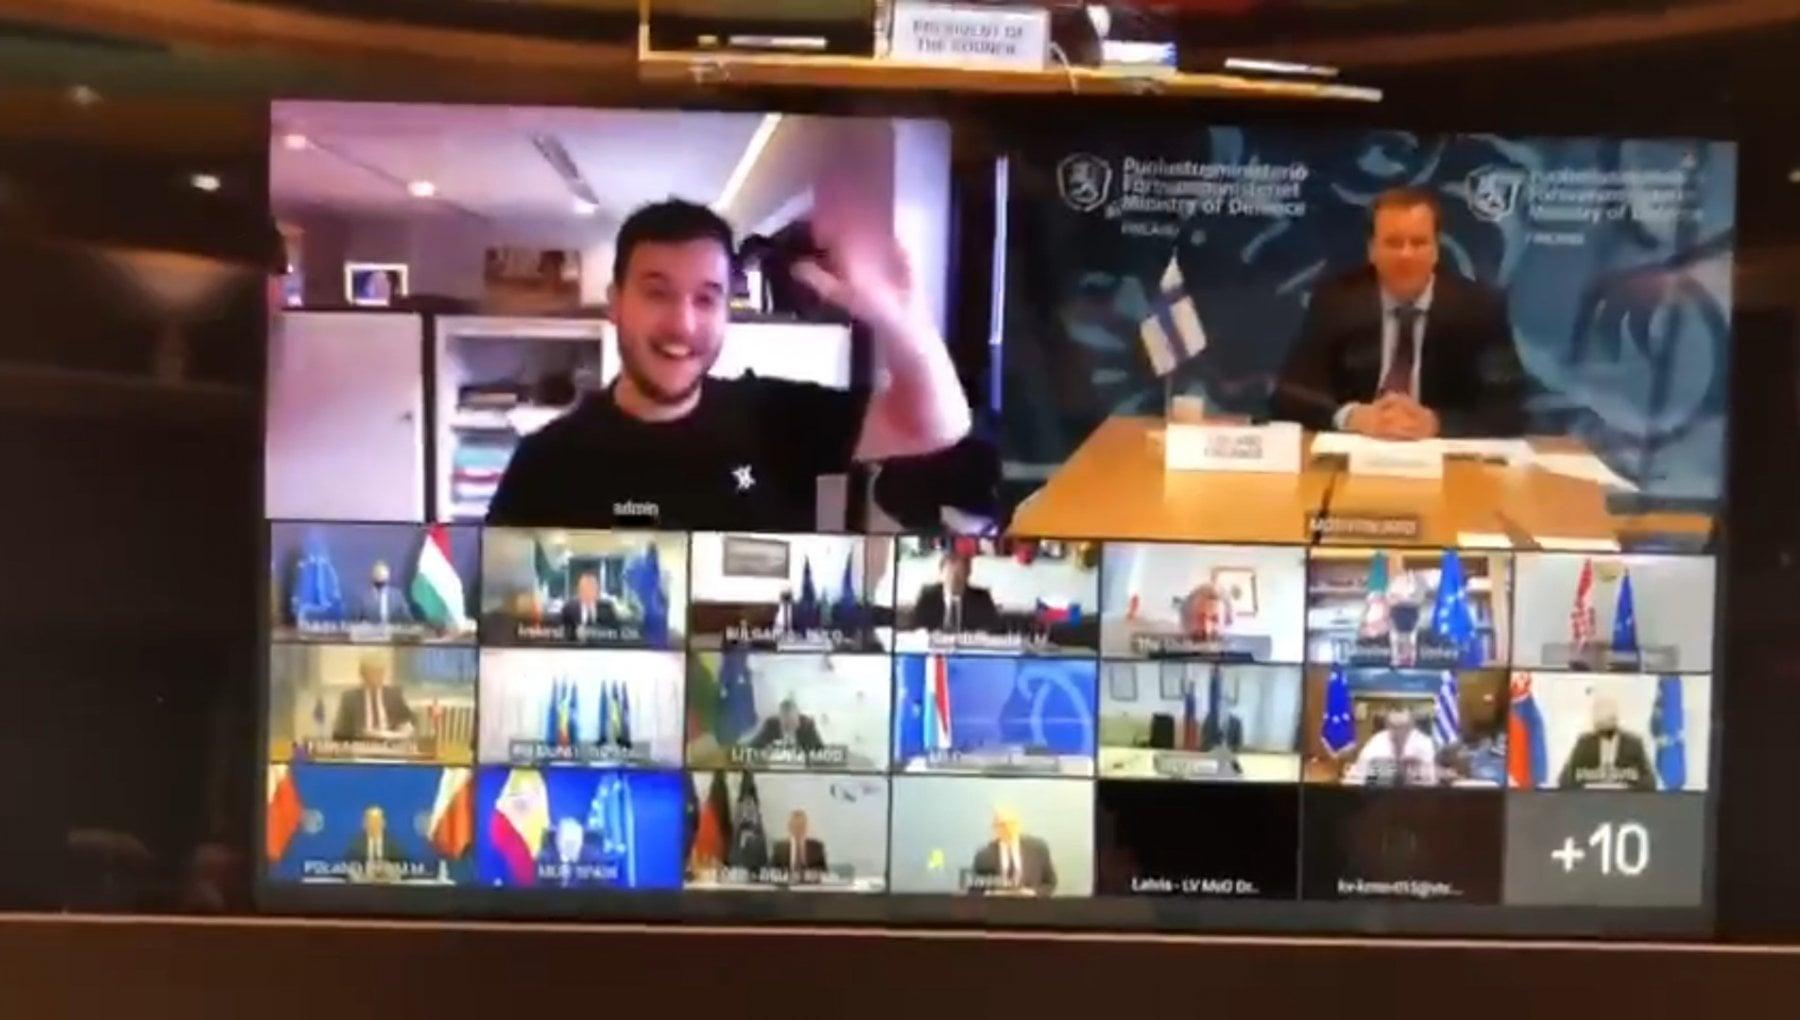 La cyber irruzione al vertice europeo un intruso in videoconferenza con i ministri